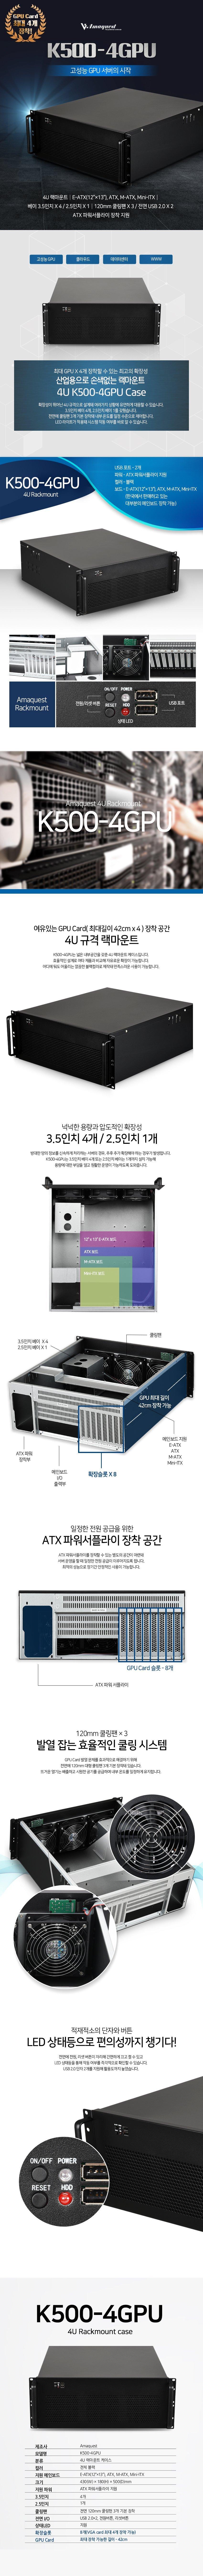 AMAQUEST K500-4GPU